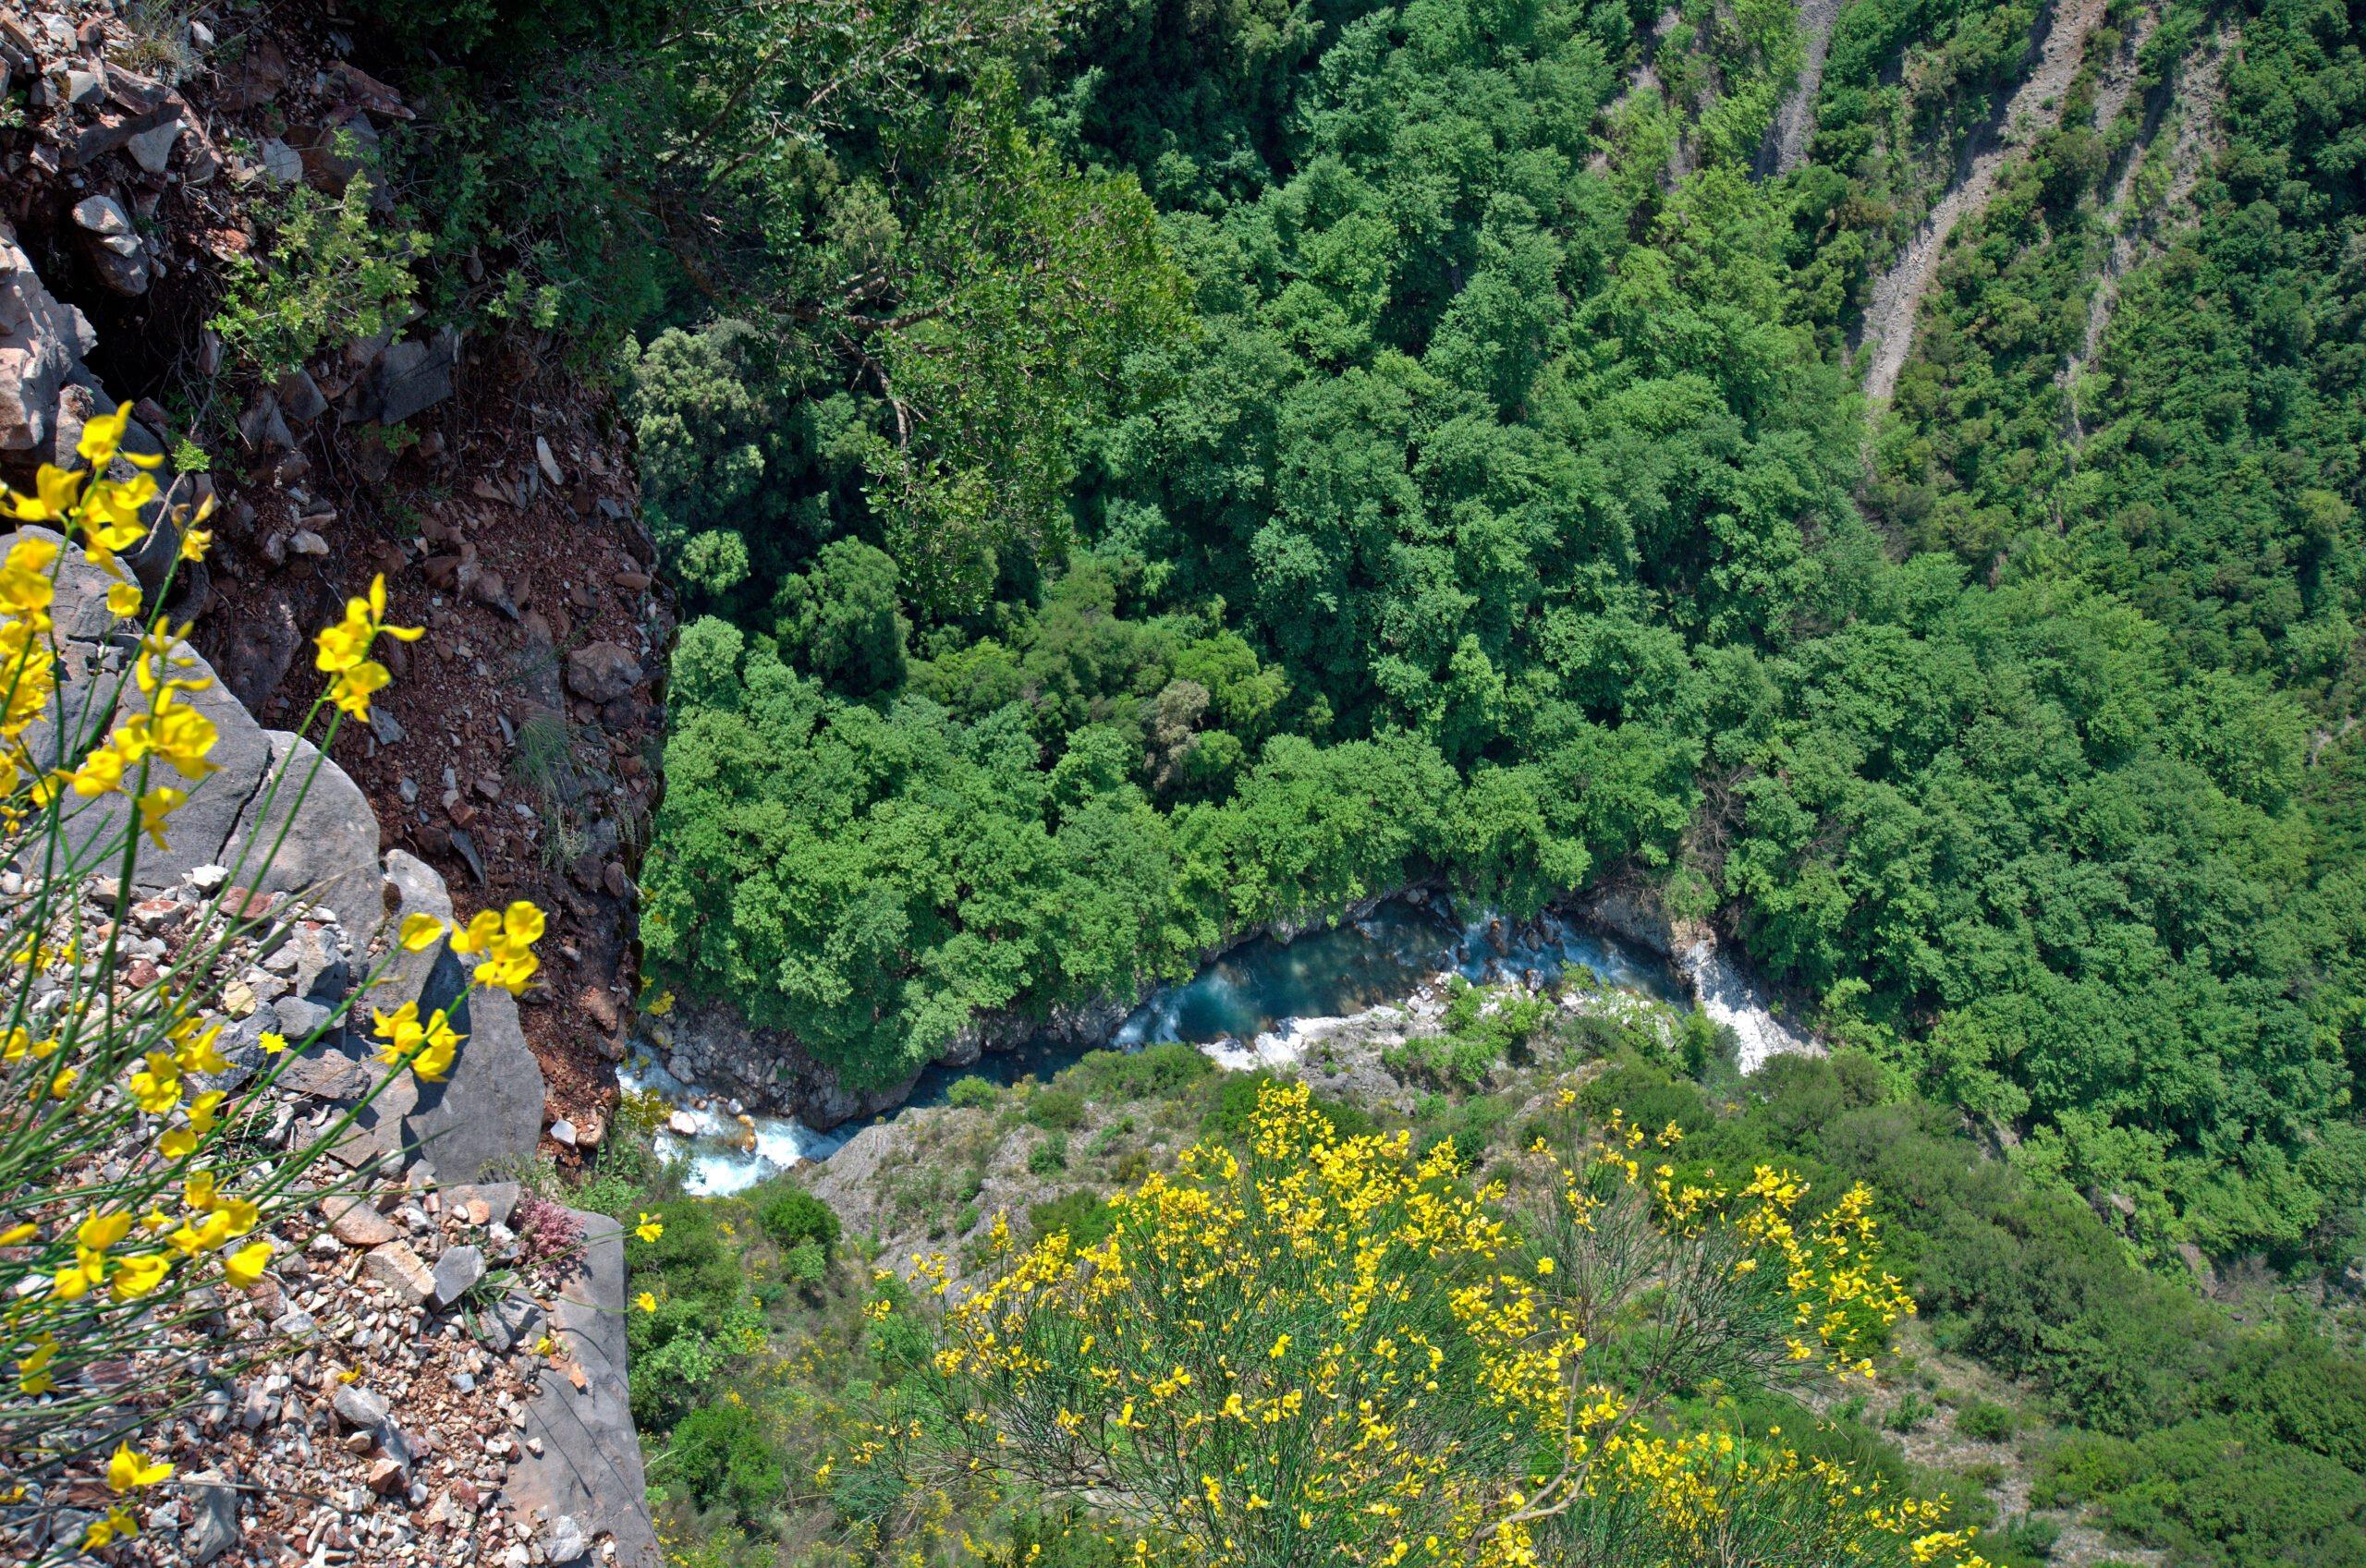 Zagori Secrets Sights & Bridges E-bike Tour From Elati Village - Ioannina_3